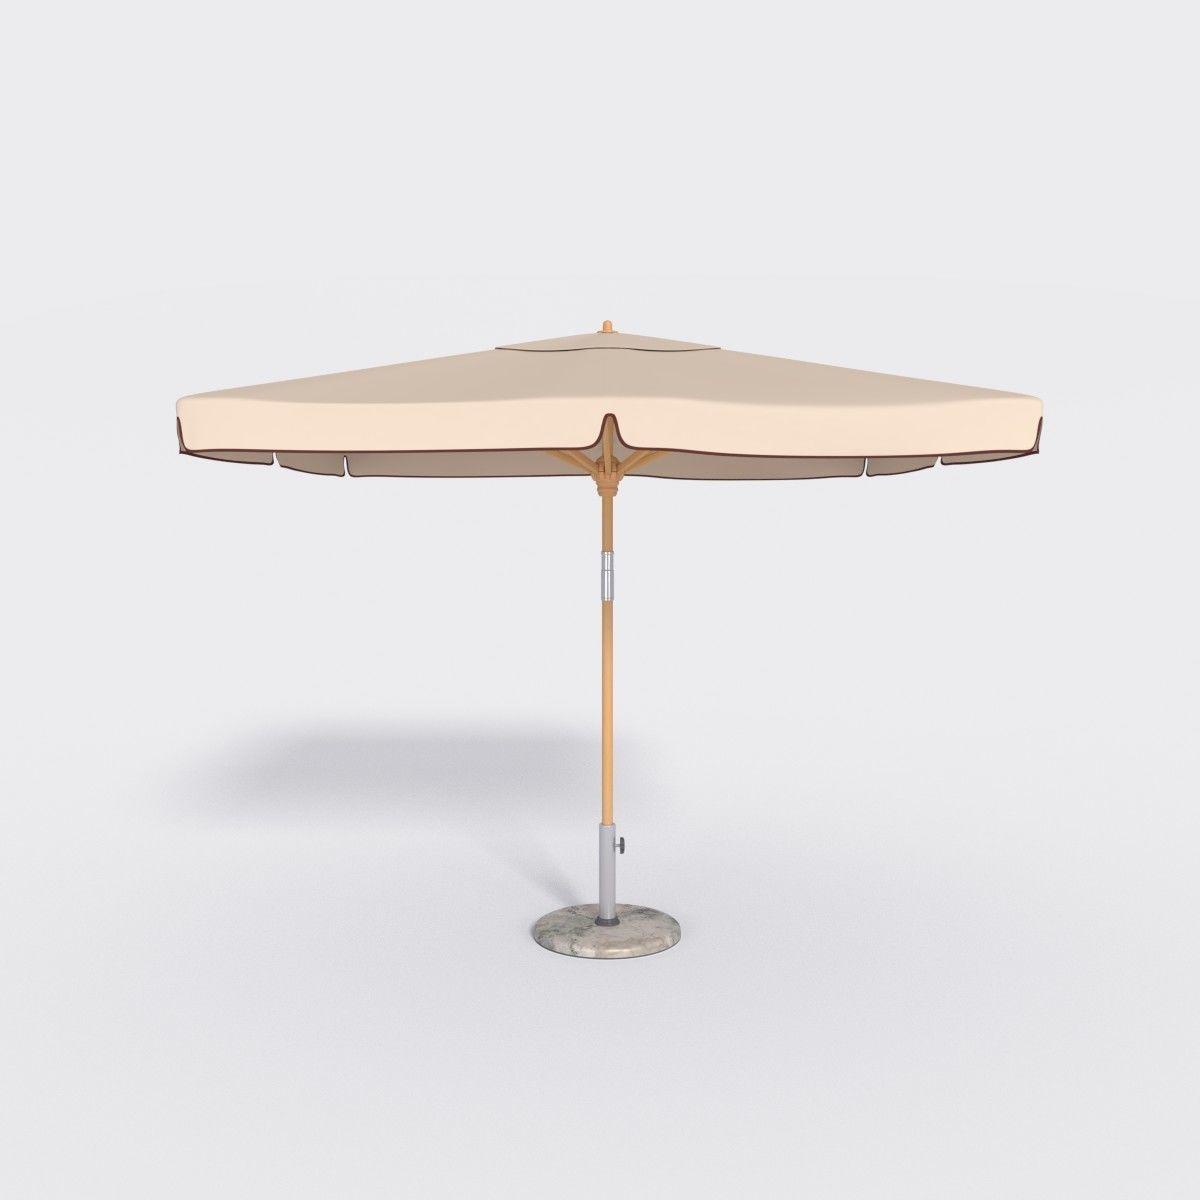 Umbrella Patio Parasol 6